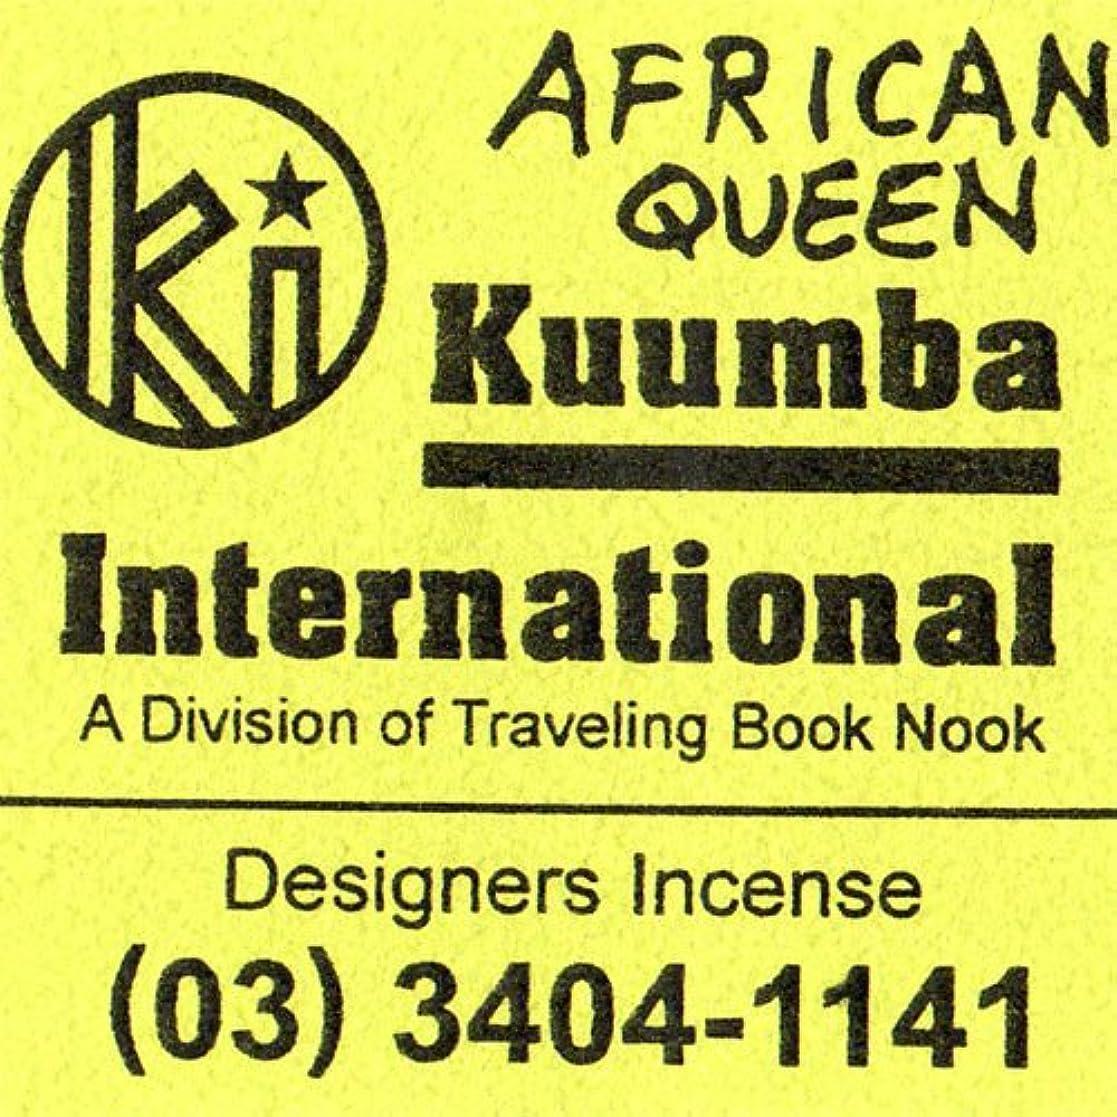 懸念置き場ウェイトレス(クンバ) KUUMBA『incense』(AFRICAN QUEEN) (Regular size)